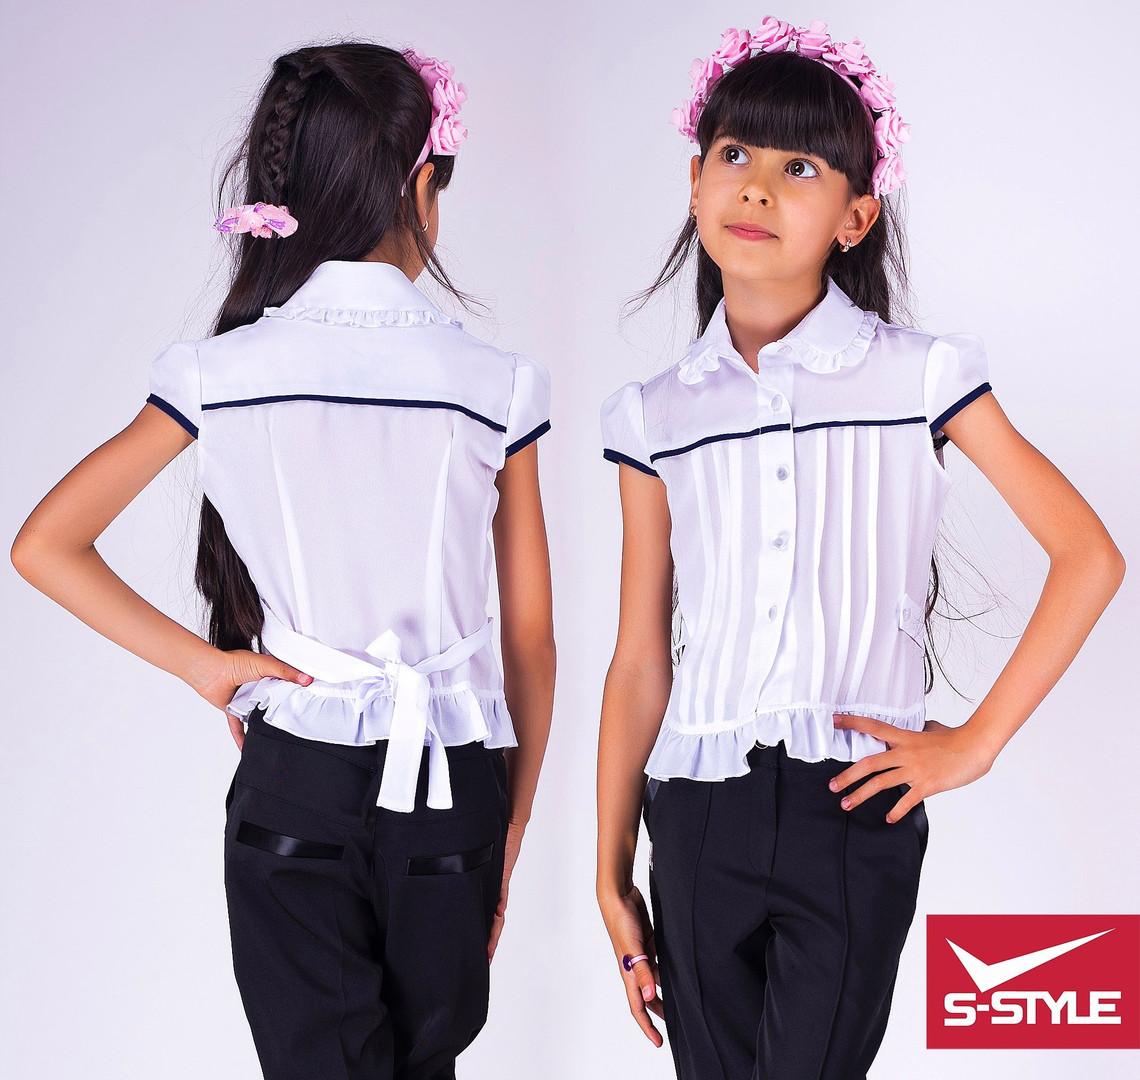 Блузка школьная для девочки Рюшик Материал: креп-шифон Размеры: 28,30,32,34,36 Цвет:белая с синей отделкой